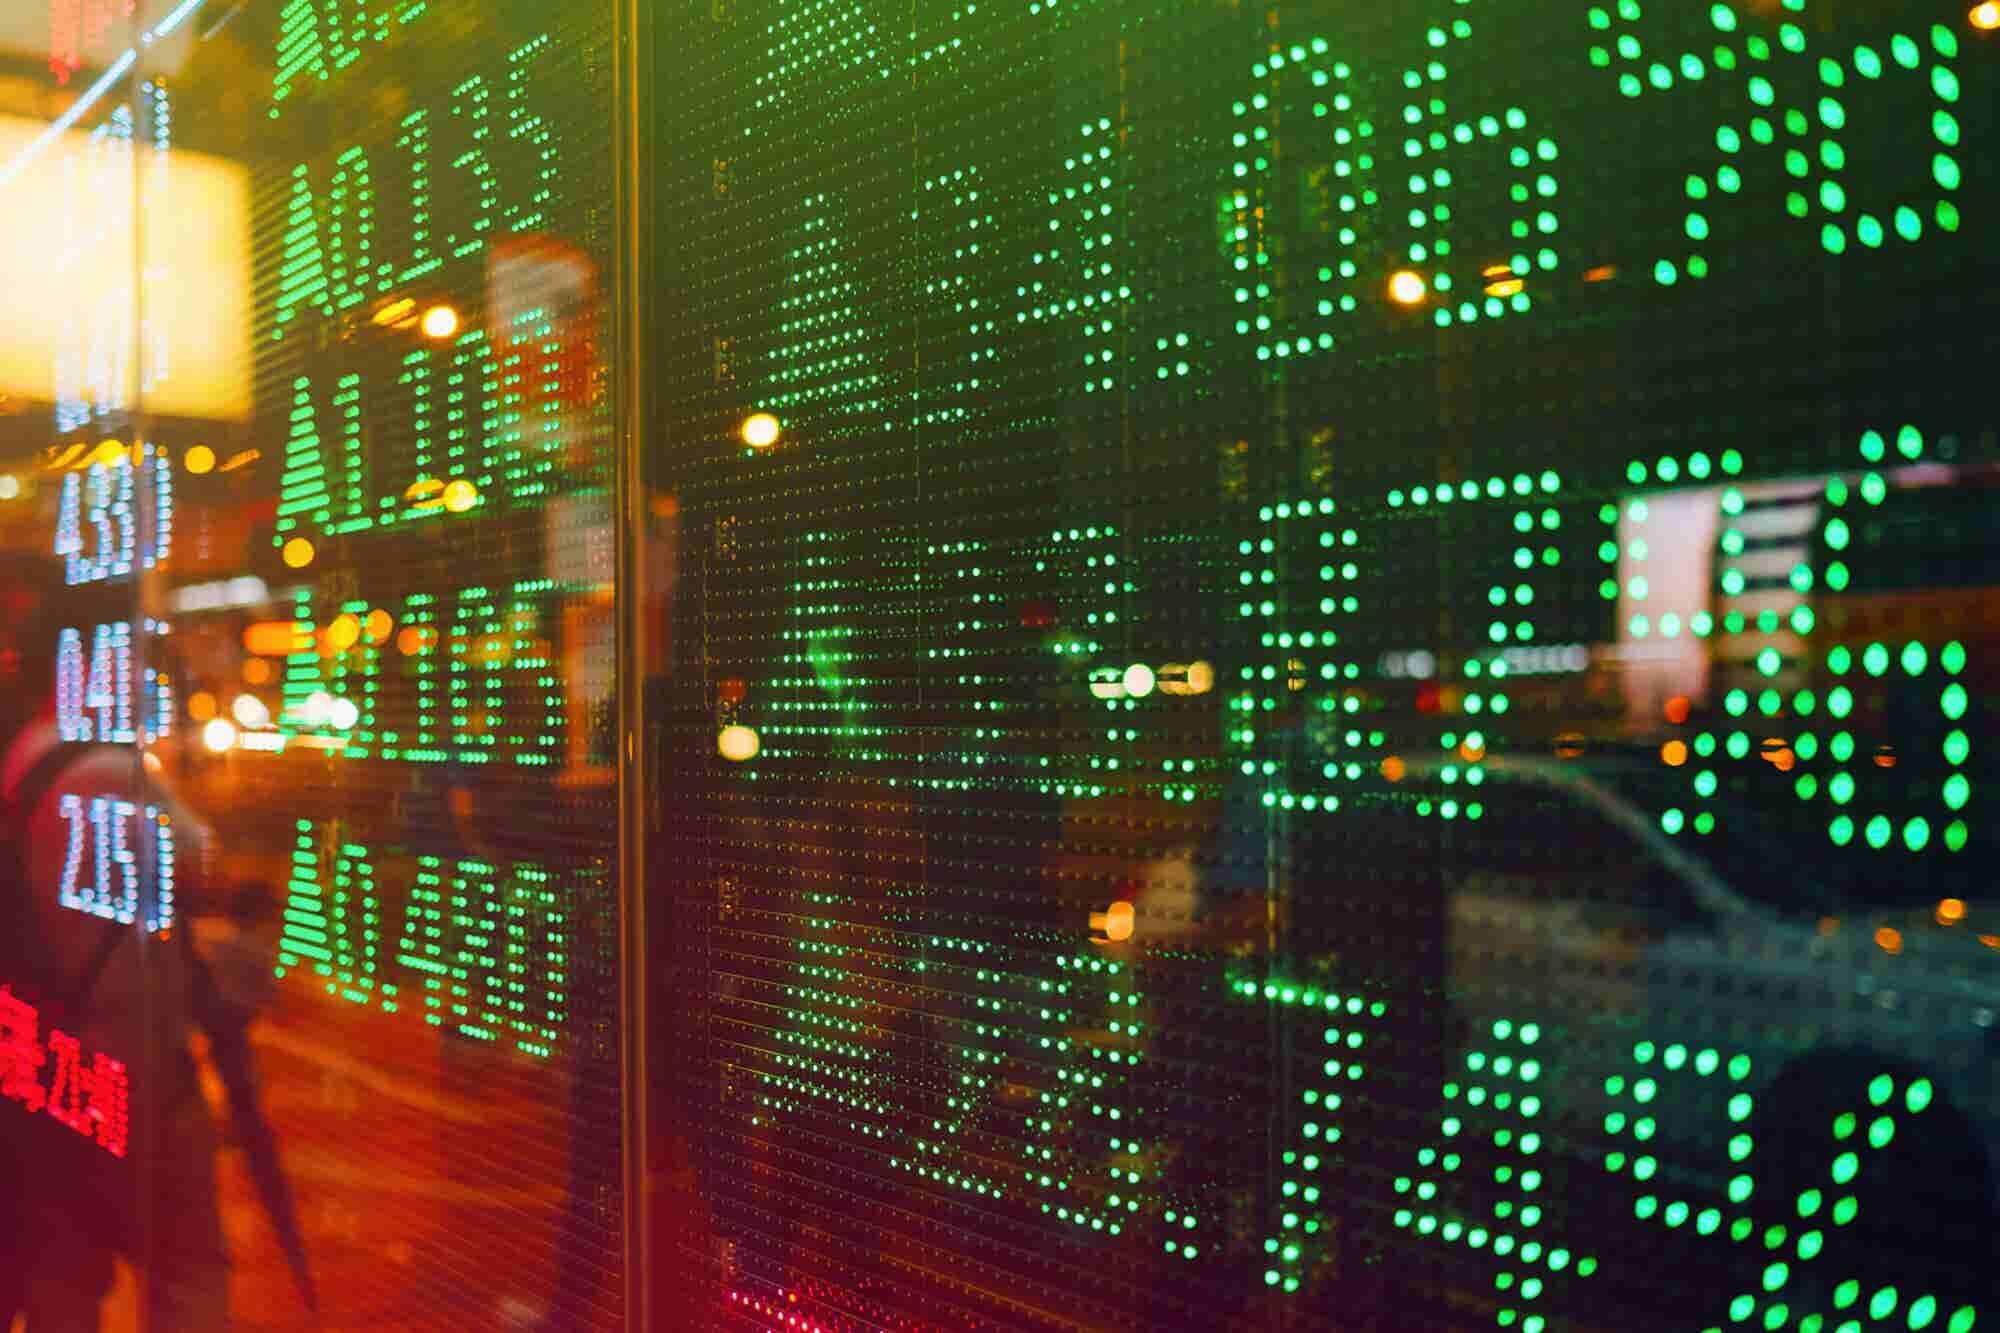 Stock Market Rebounds After October Plunge